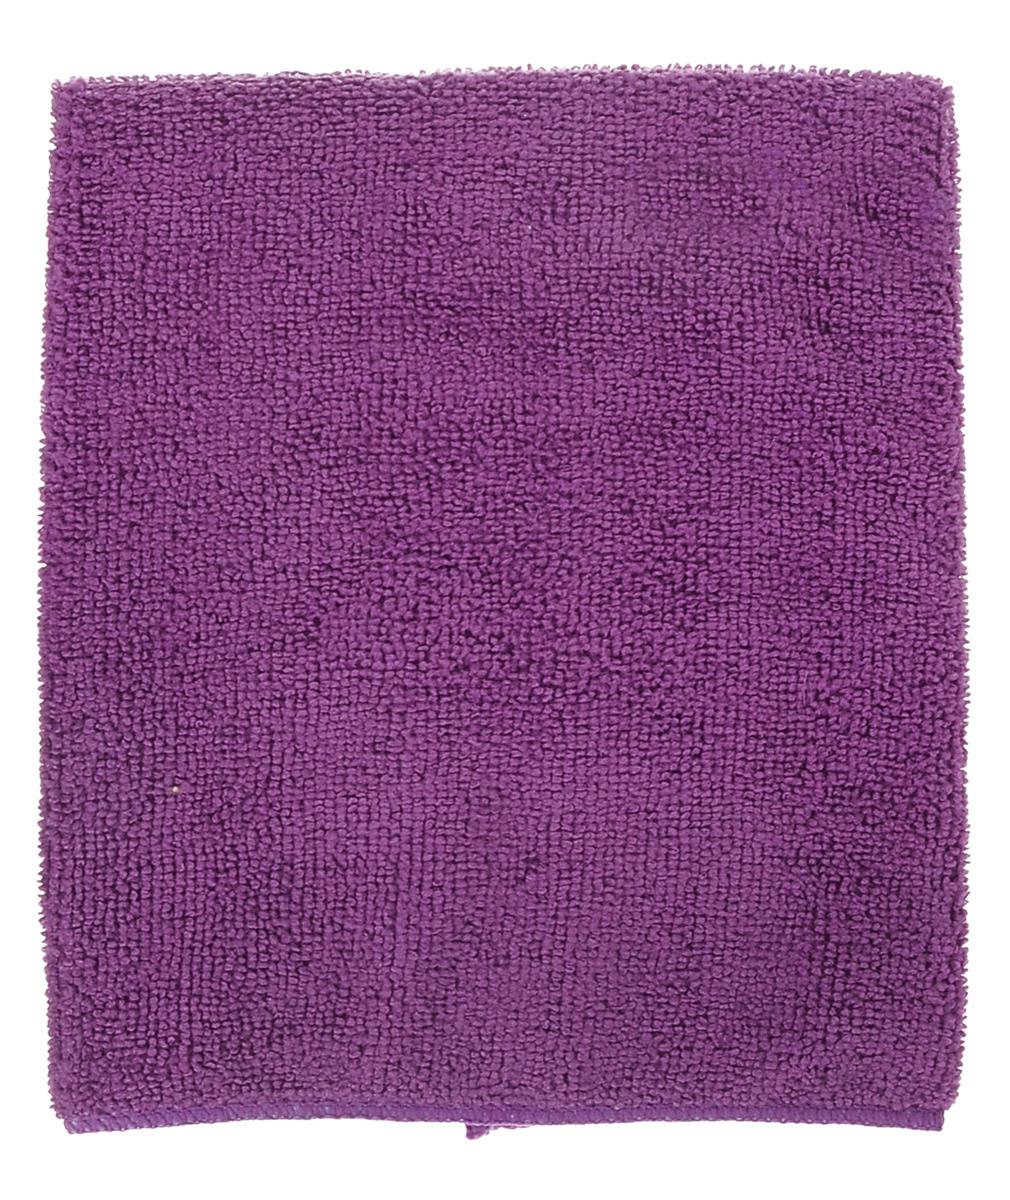 Салфетка универсальная York Prestige, впитывающая, цвет: фиолетовый, 38 х 38 см салфетка для ухода за стеклянными поверхностями smart glass из микрофибры 30 х 30 см